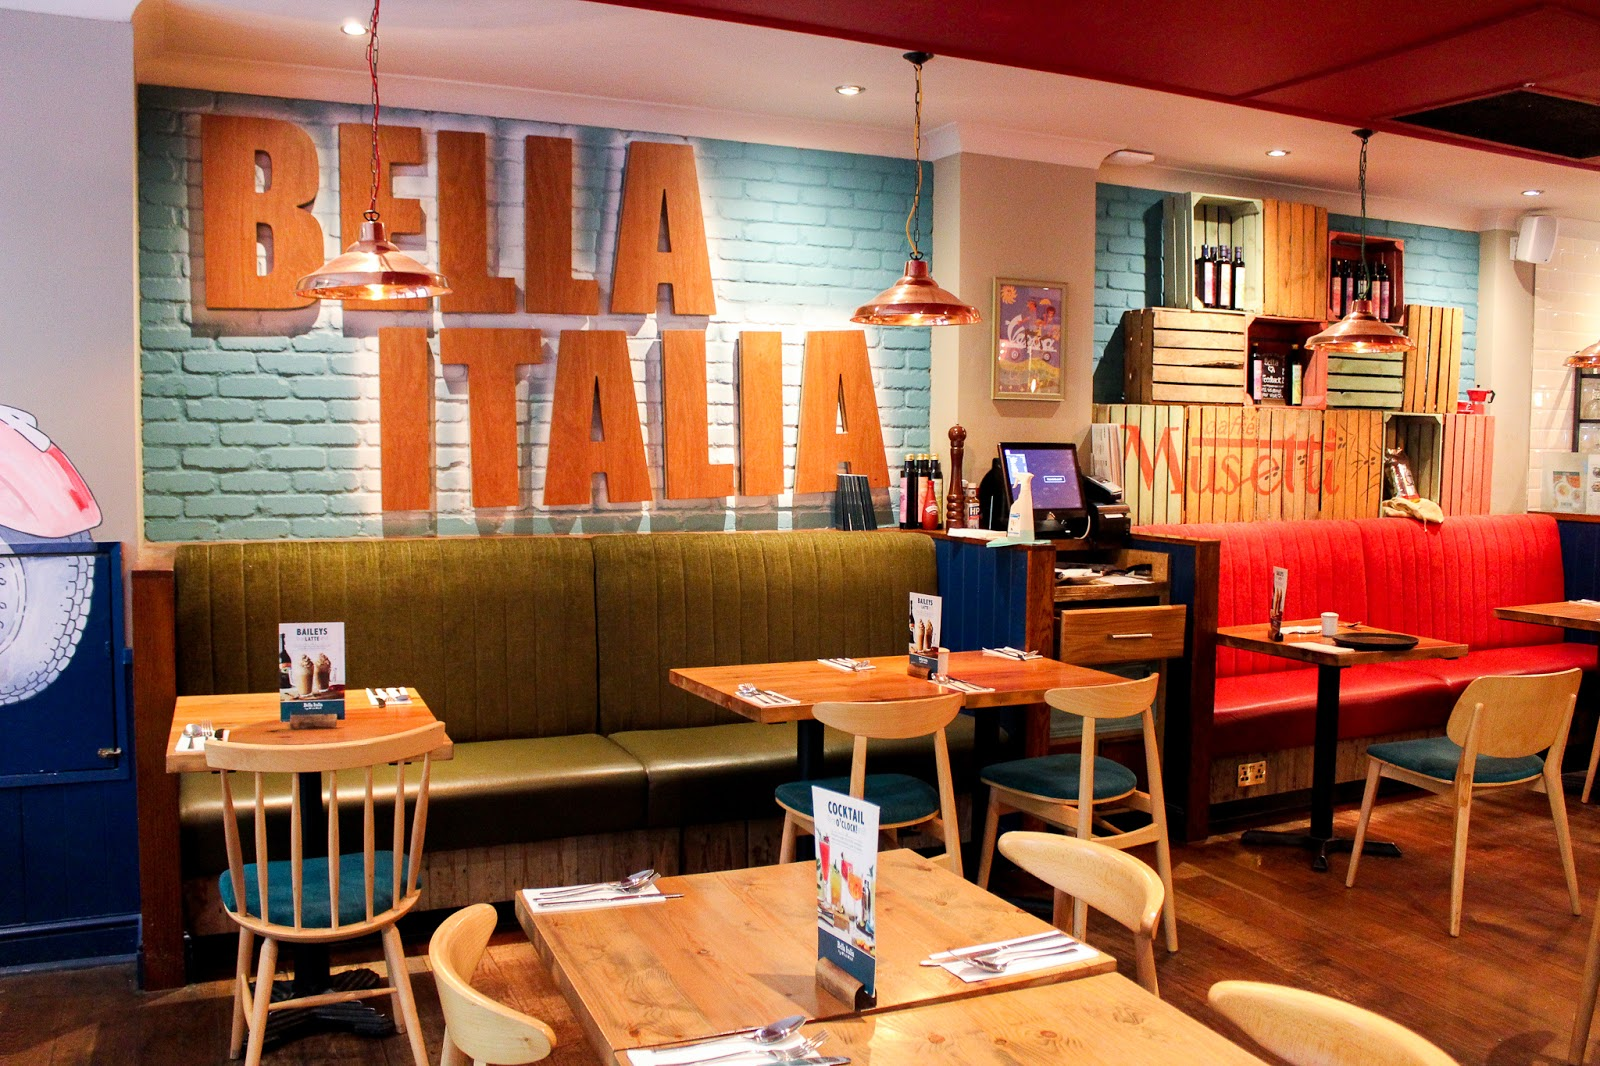 A Taste of Bella Italia